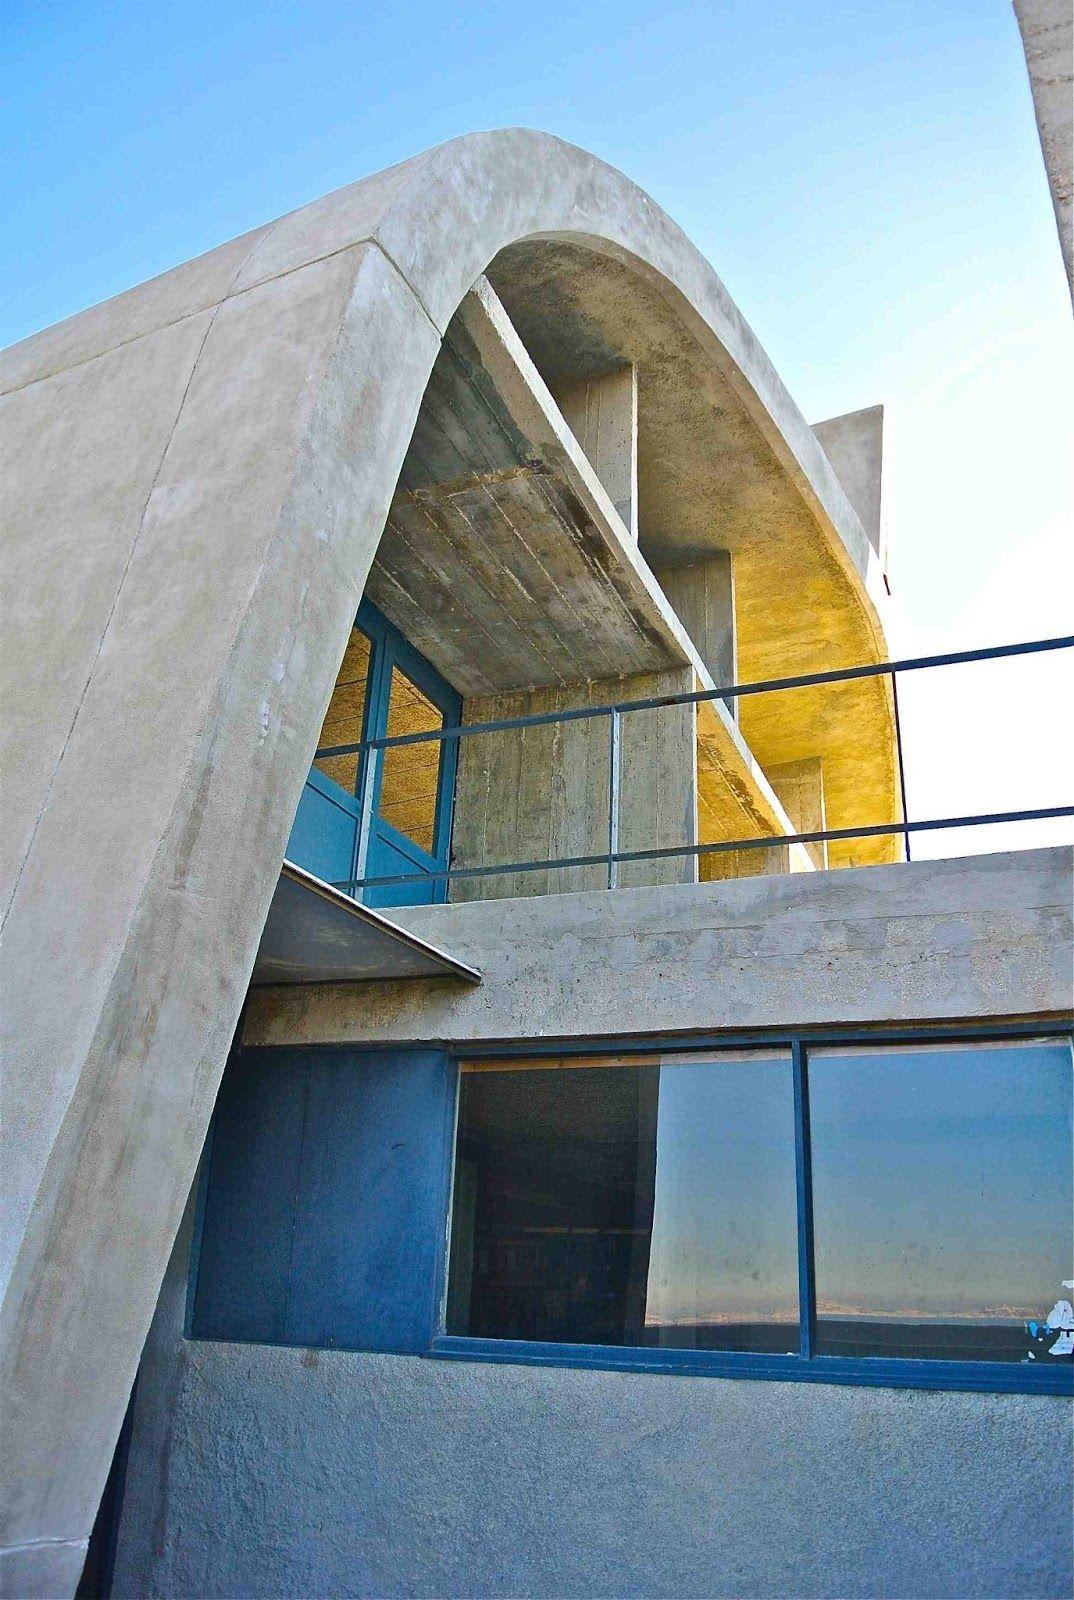 La cité radieuse le Corbusier | concrete | Pinterest | Architektur ...